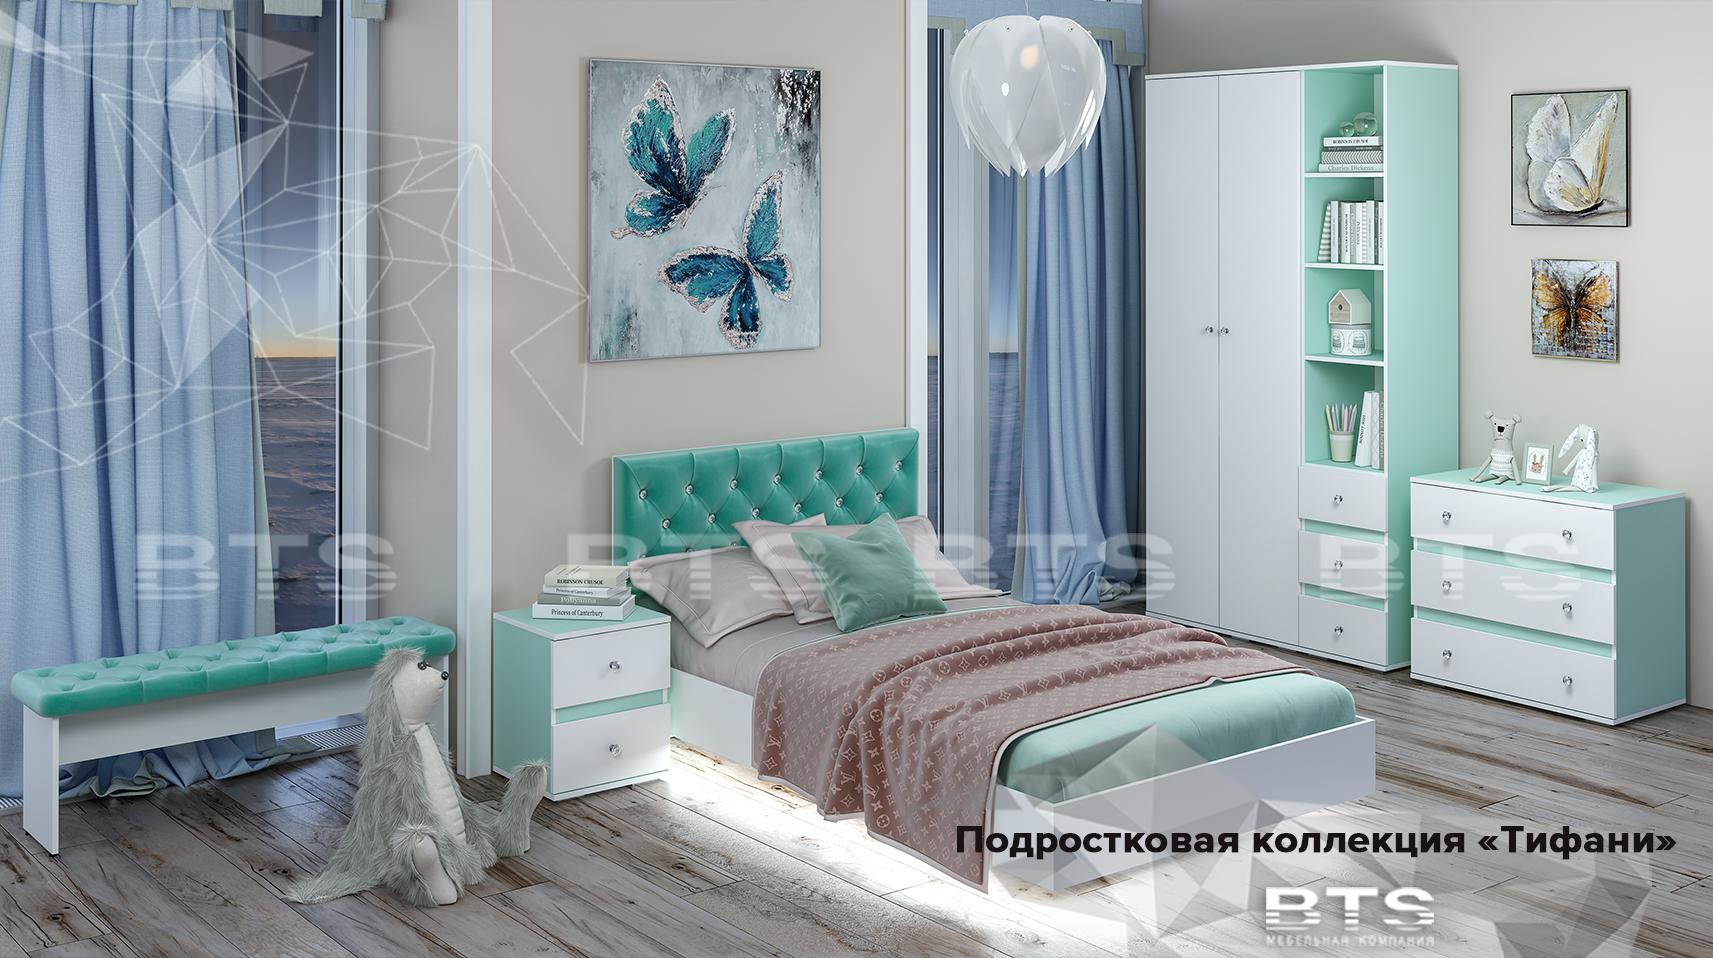 Молодежная Тифани (вариант 1) — купить за 24978 руб. в Москве по цене производителя!